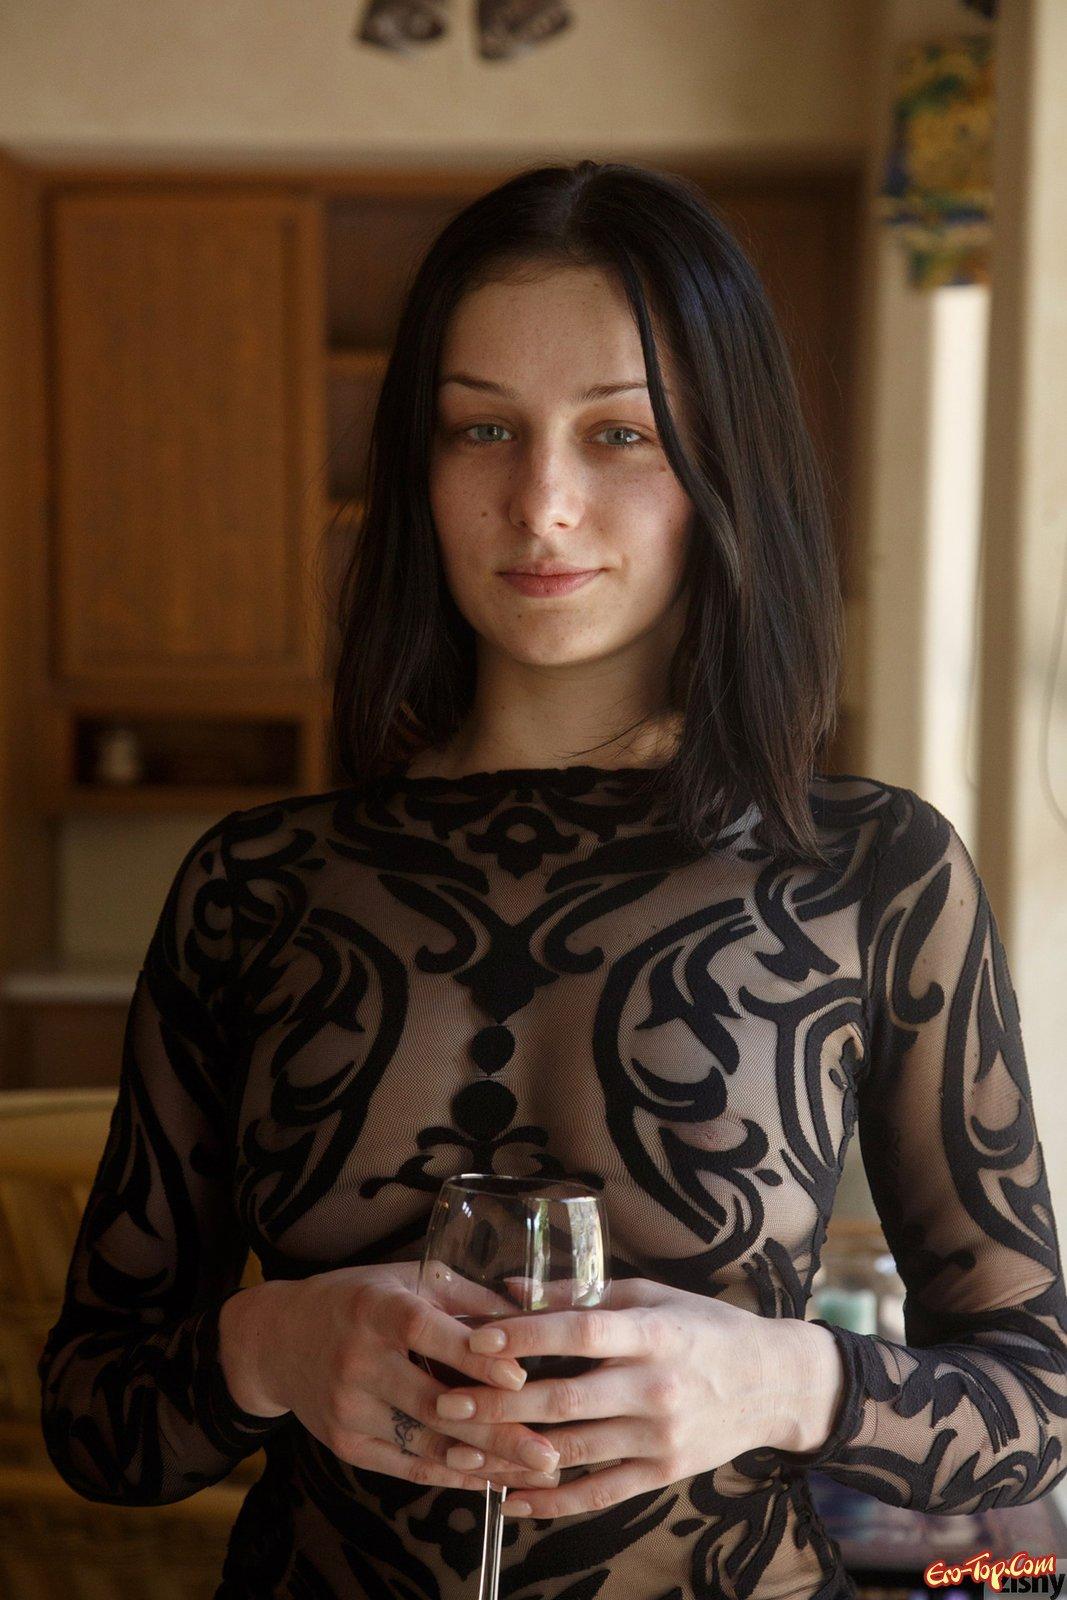 Сексуальная брюнеточка демонстрирует прелести у себя дома